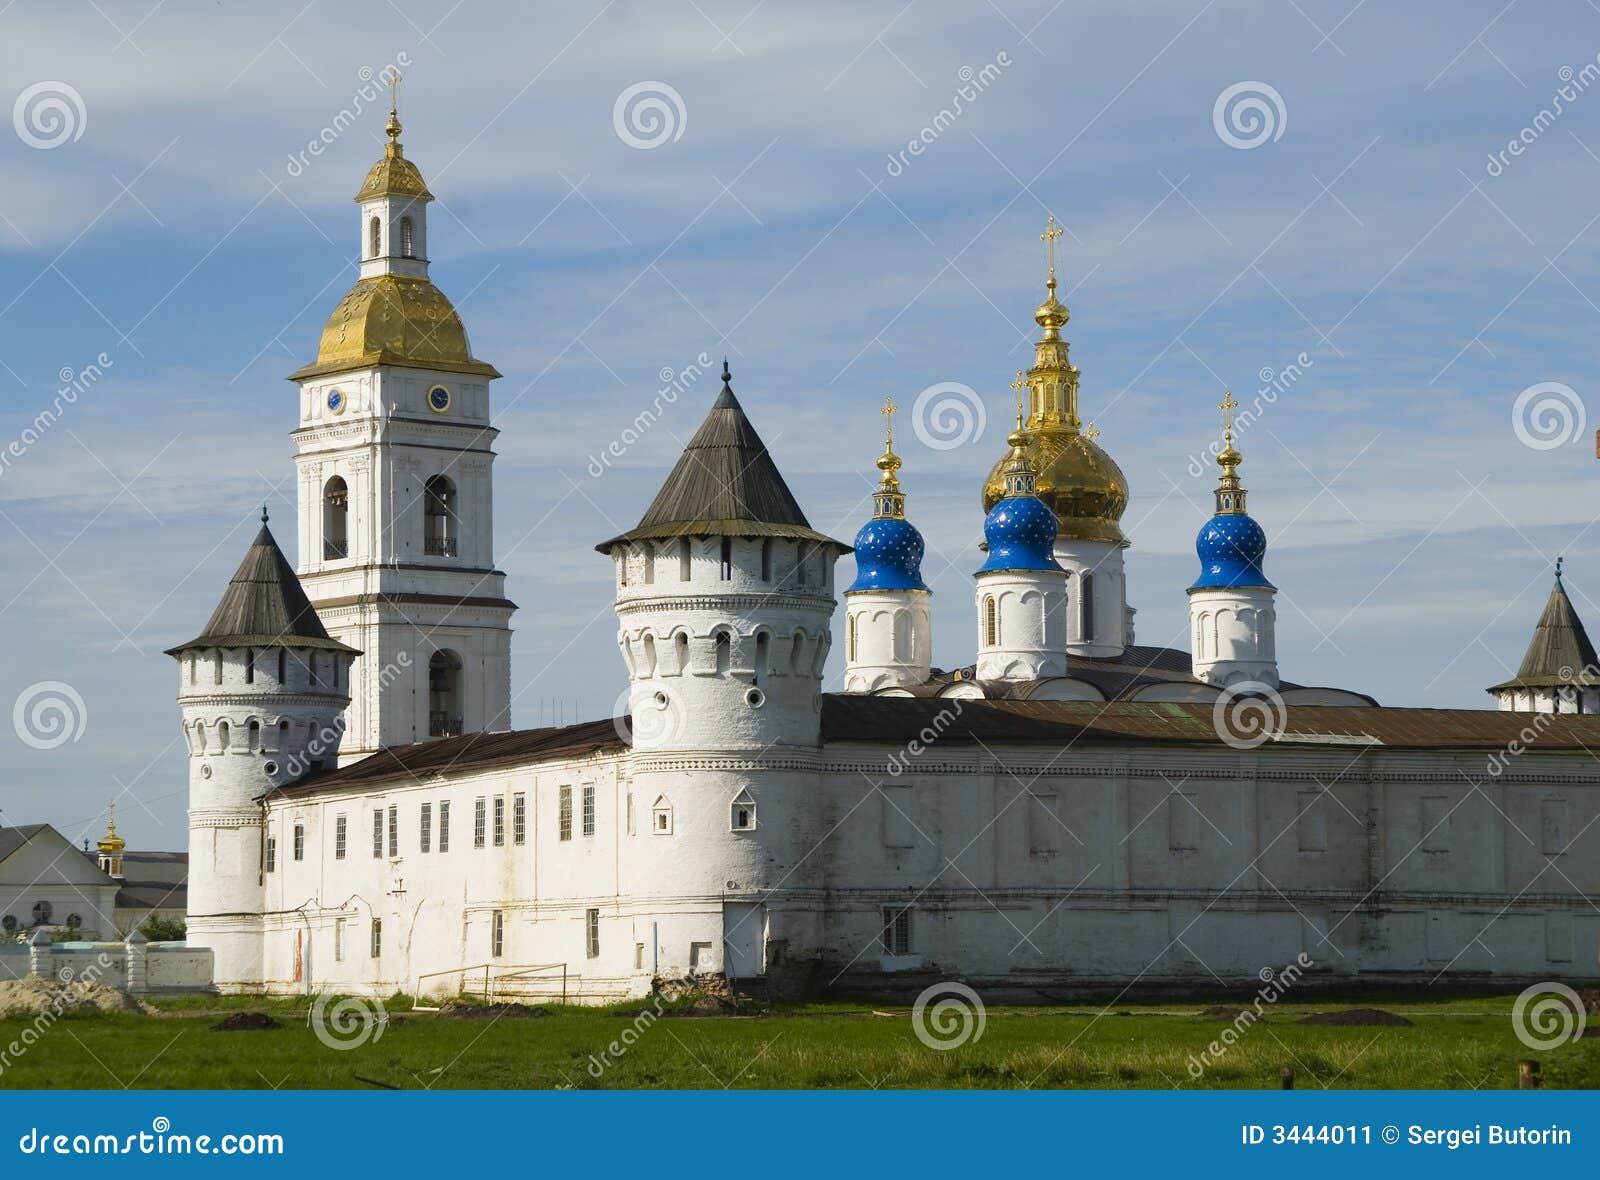 Kremlin tobolsk